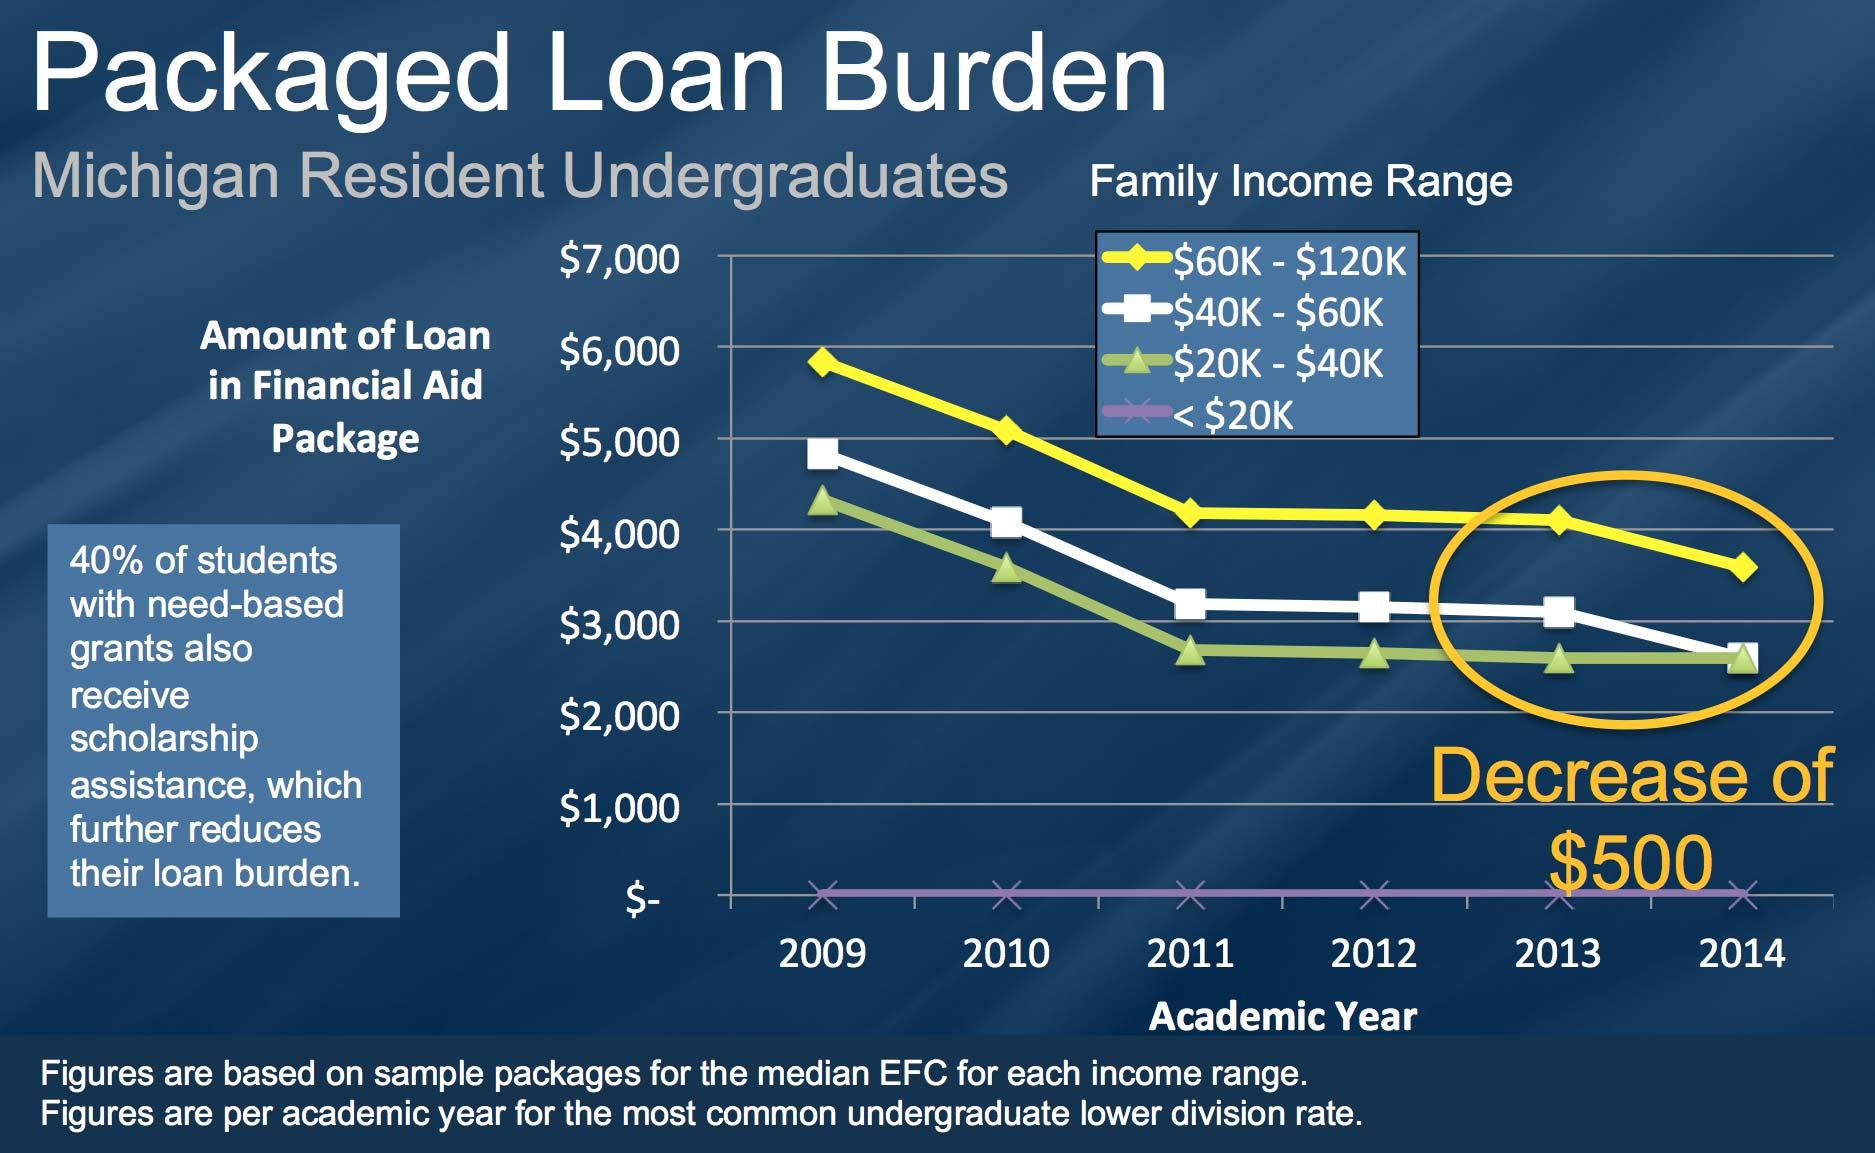 Packaged loan burden